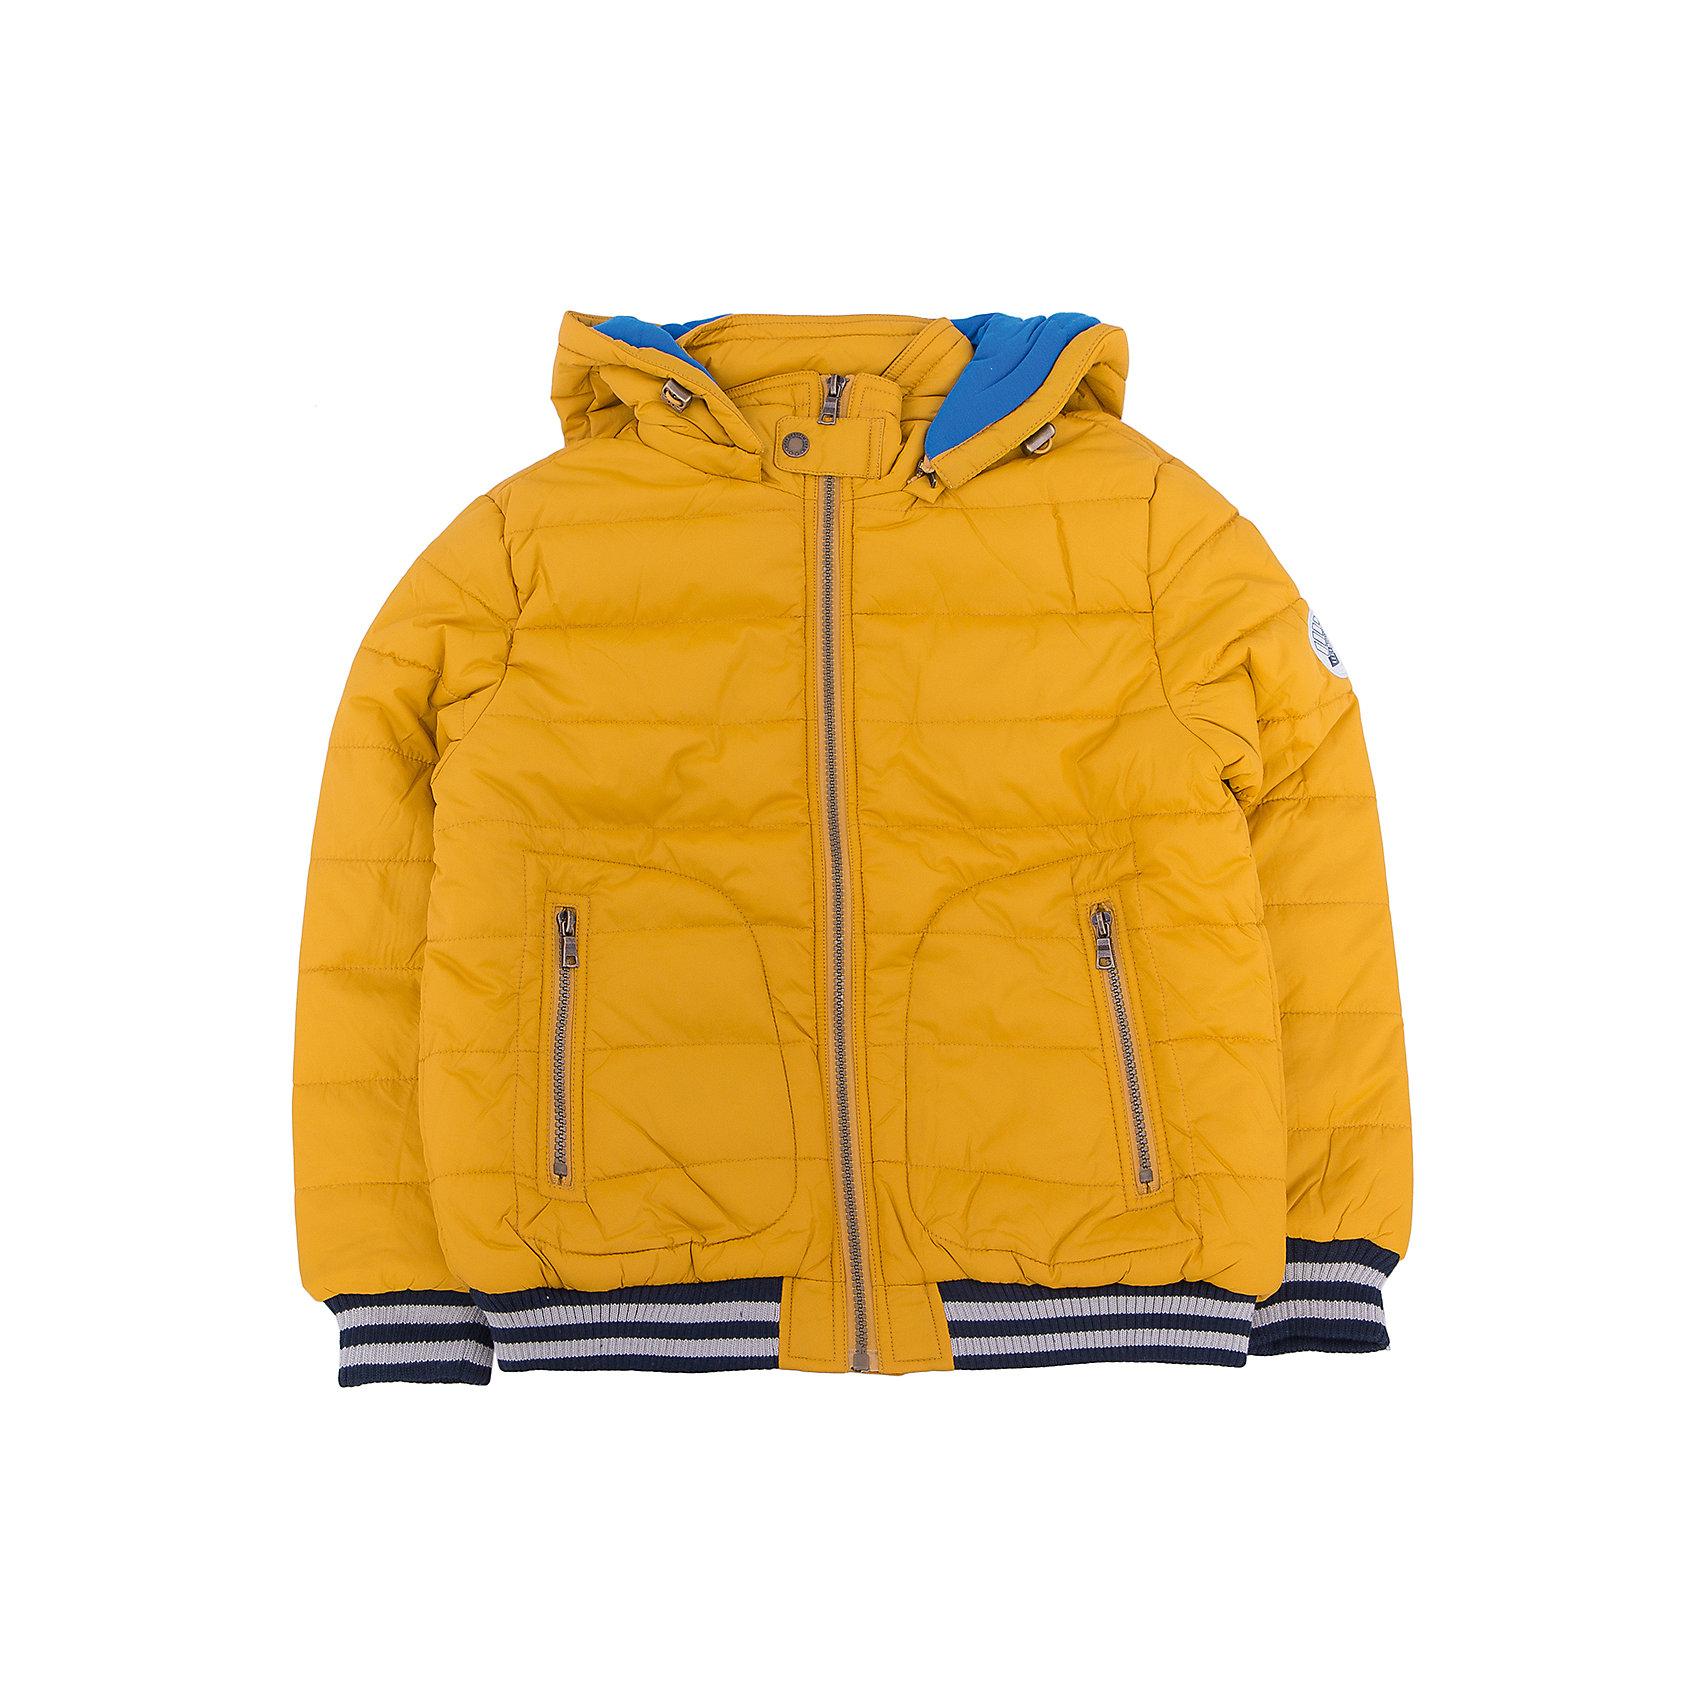 Куртка для мальчика SELAДетская одежда от SELA - это качество и отличные цены. Куртка для мальчика из новой коллекции сделает образ ребенка стильным и не позволит замерзнуть осенью. Яркие цвета модели не теряют сочность со временем. Куртка застегивается на молнию, что понравится любому ребенку. <br>Модель имеет резинки на рукавах и на подоле, которые отлично защищают от ветра и придают «изюминку» изделию.<br>Все материалы, использованные в создании изделия,  отвечают современным требованиям по качеству и безопасности продукции. <br><br>Дополнительная информация:<br><br>цвет: Горчичный;<br>состав: 100% нейлон, подкладка - 65% хлопок, 35% ПЭ, утеплитель - 100% ПЭ;<br>длина до бедер;<br>силуэт прямой;<br>капюшон отстегивающийся.<br><br>Куртку для мальчика от компании SELA можно купить в нашем магазине.<br><br>Ширина мм: 356<br>Глубина мм: 10<br>Высота мм: 245<br>Вес г: 519<br>Цвет: желтый<br>Возраст от месяцев: 84<br>Возраст до месяцев: 96<br>Пол: Мужской<br>Возраст: Детский<br>Размер: 128,116,152,140<br>SKU: 4912984